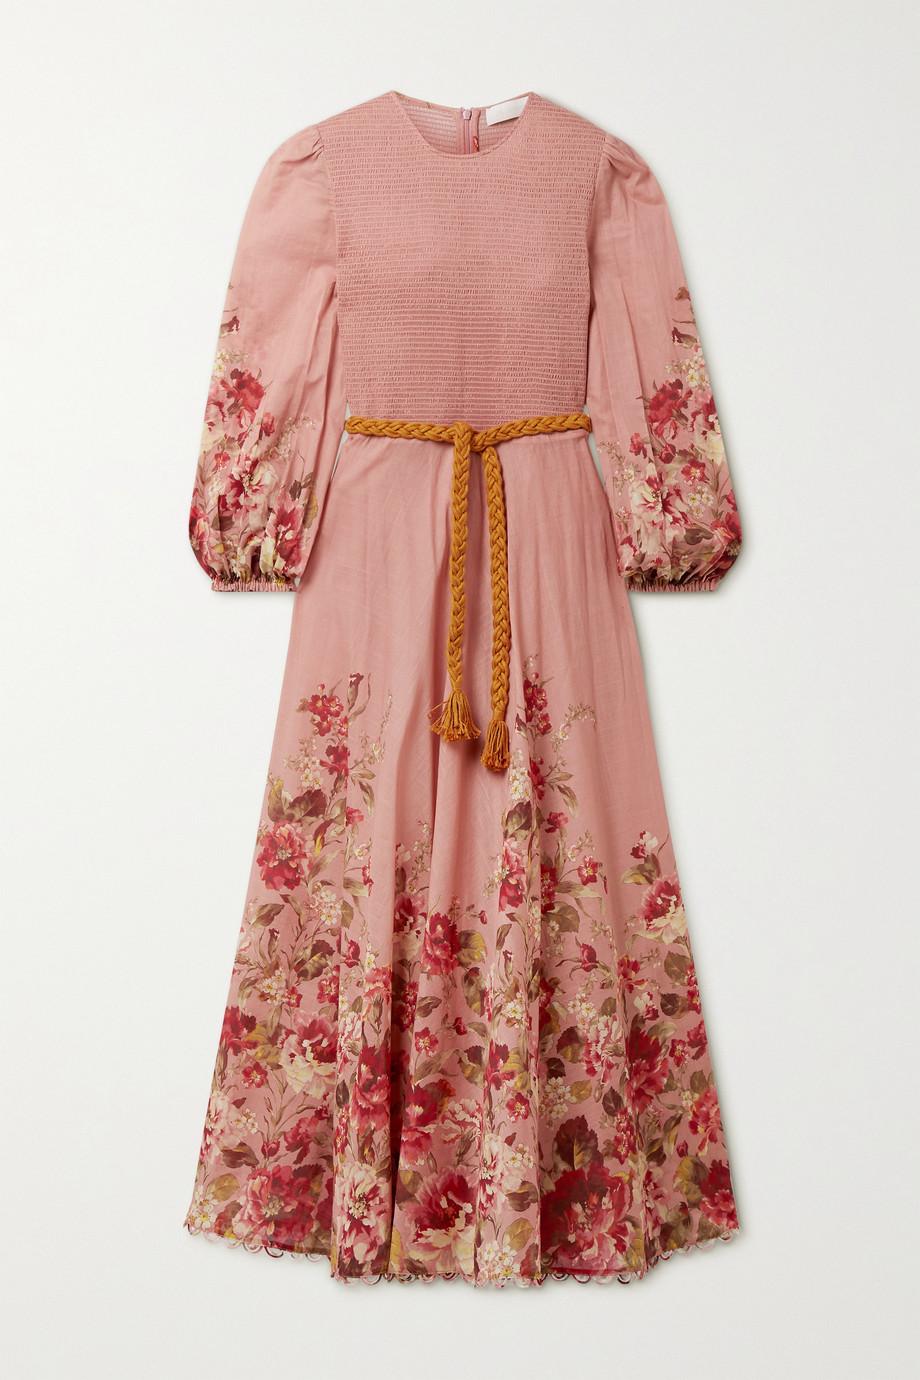 Zimmermann Robe midi en voile de coton à imprimé fleuri, smocks et ceinture Cassia